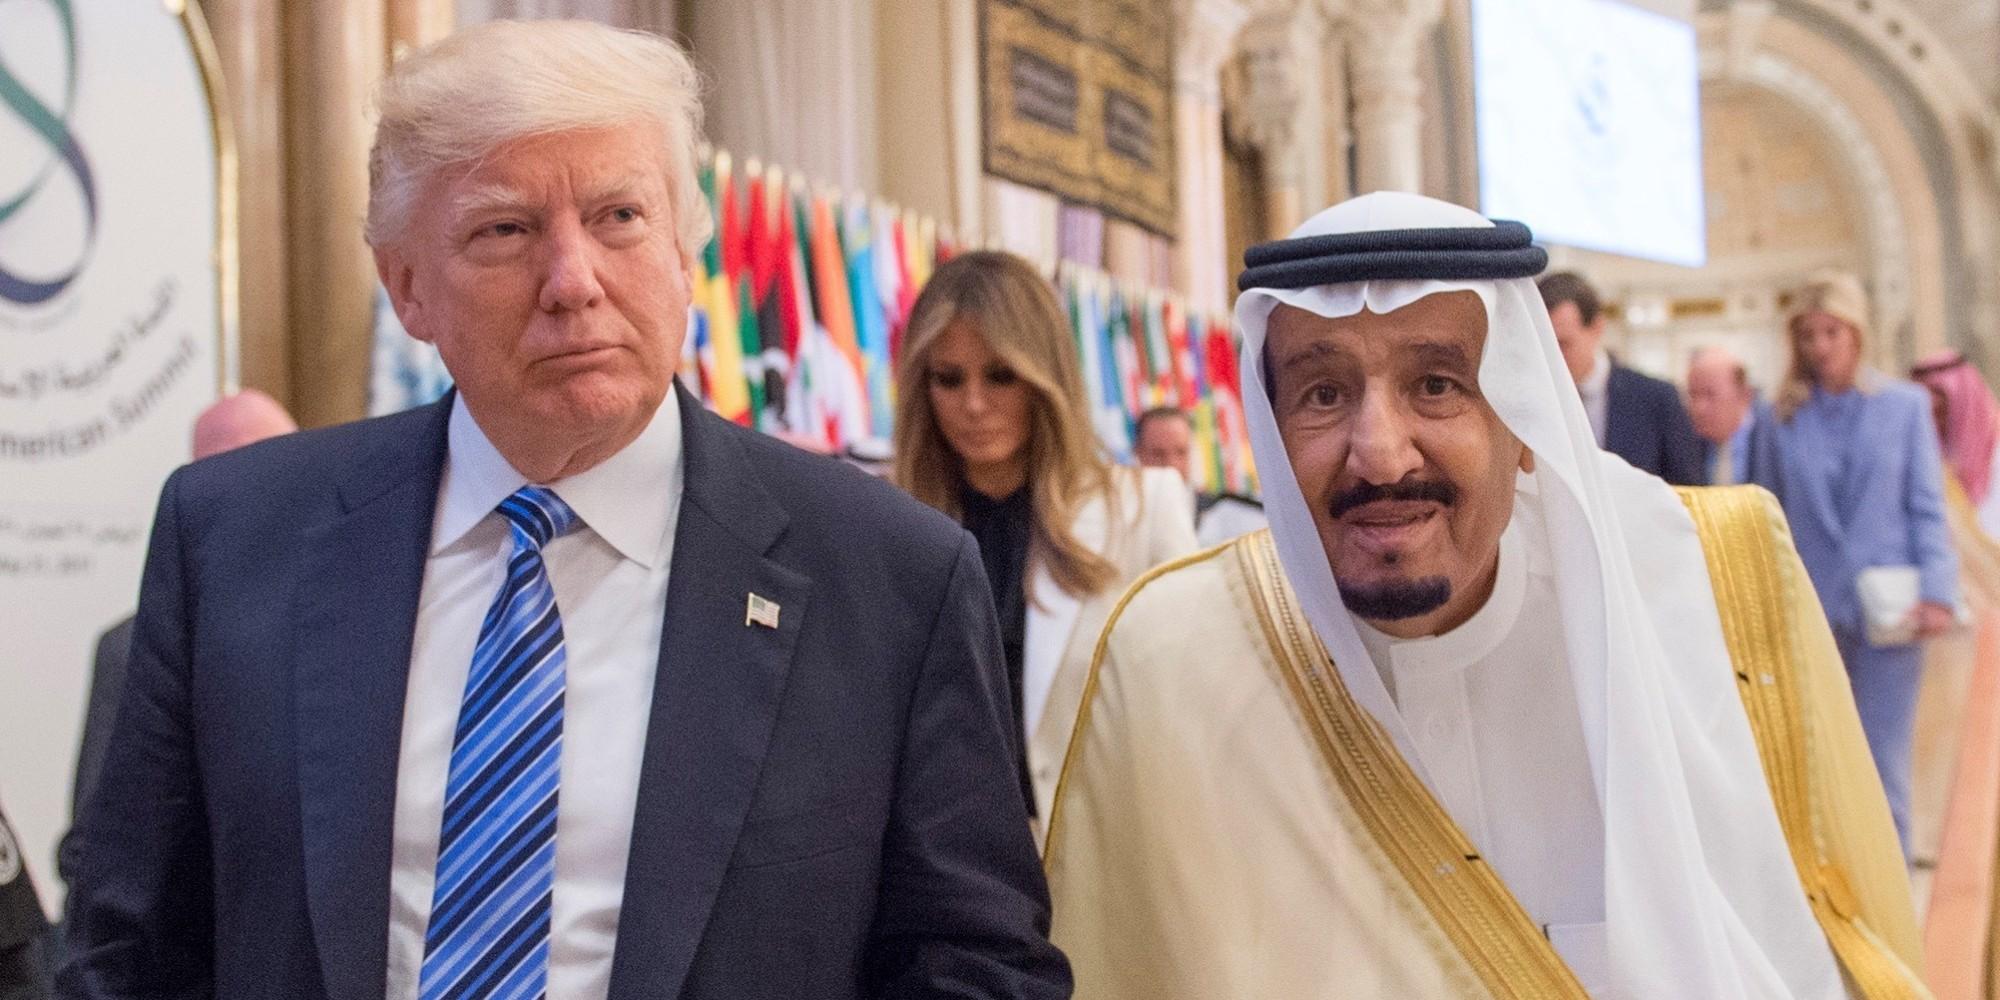 الملك سلمان يعتبر زيارة ترامب  نقطة تحول  في العلاقات.. وهذا ما قاله عن القادم بين البلدين